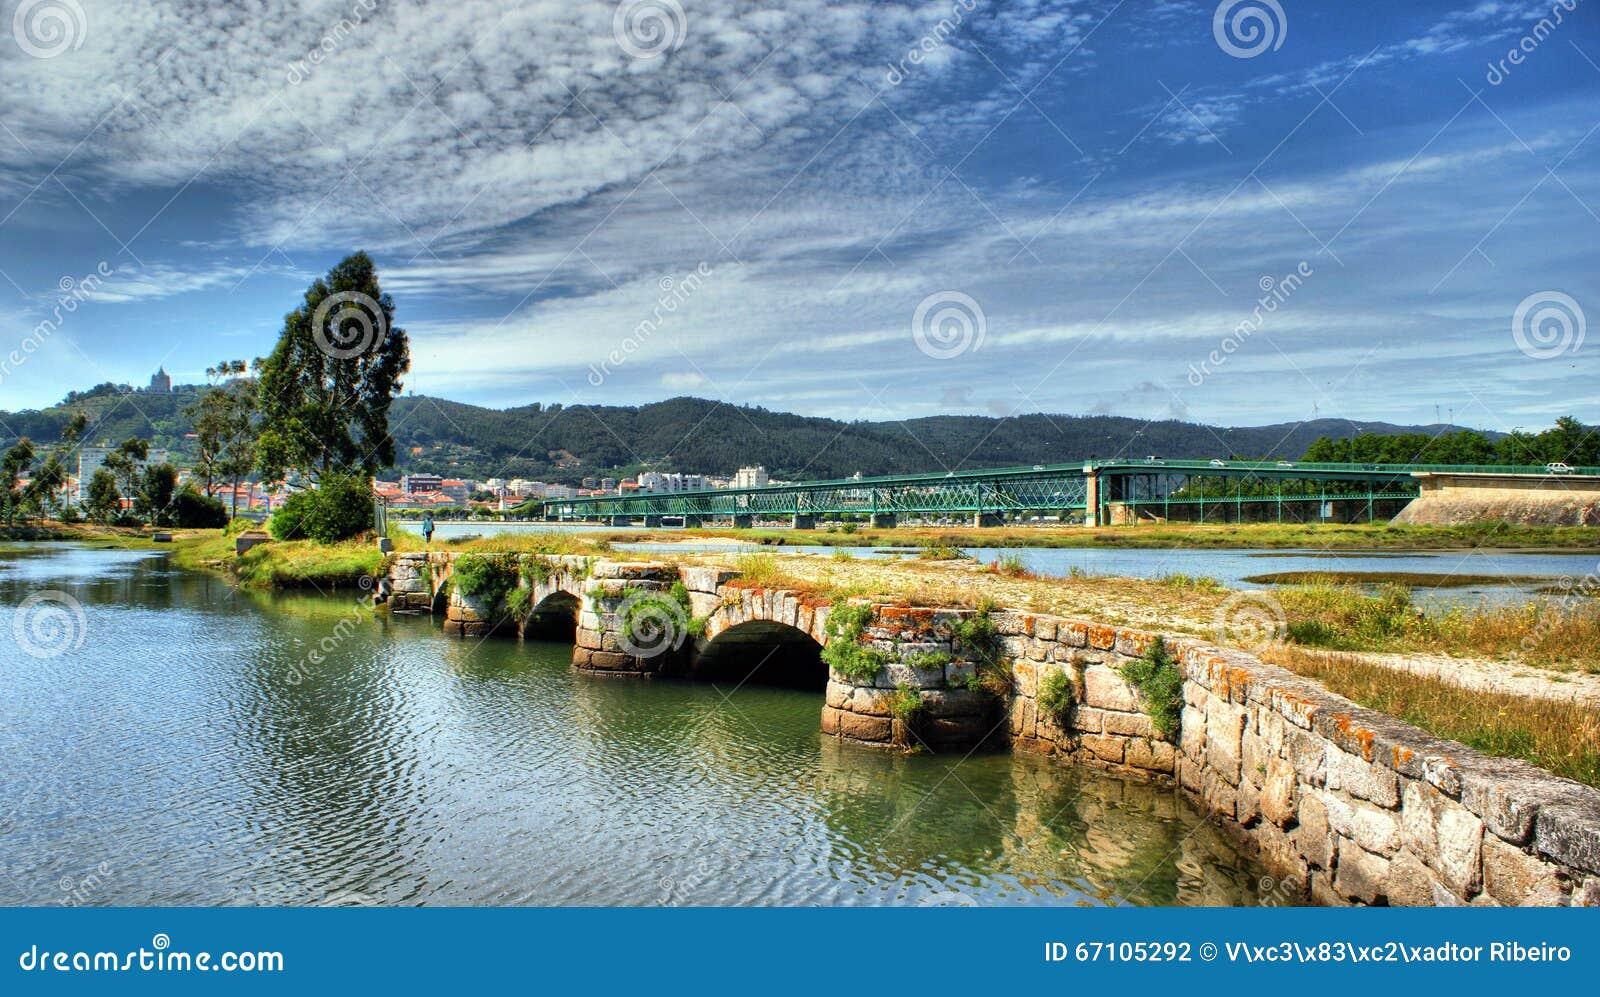 Medieval bridge in Viana do Castelo